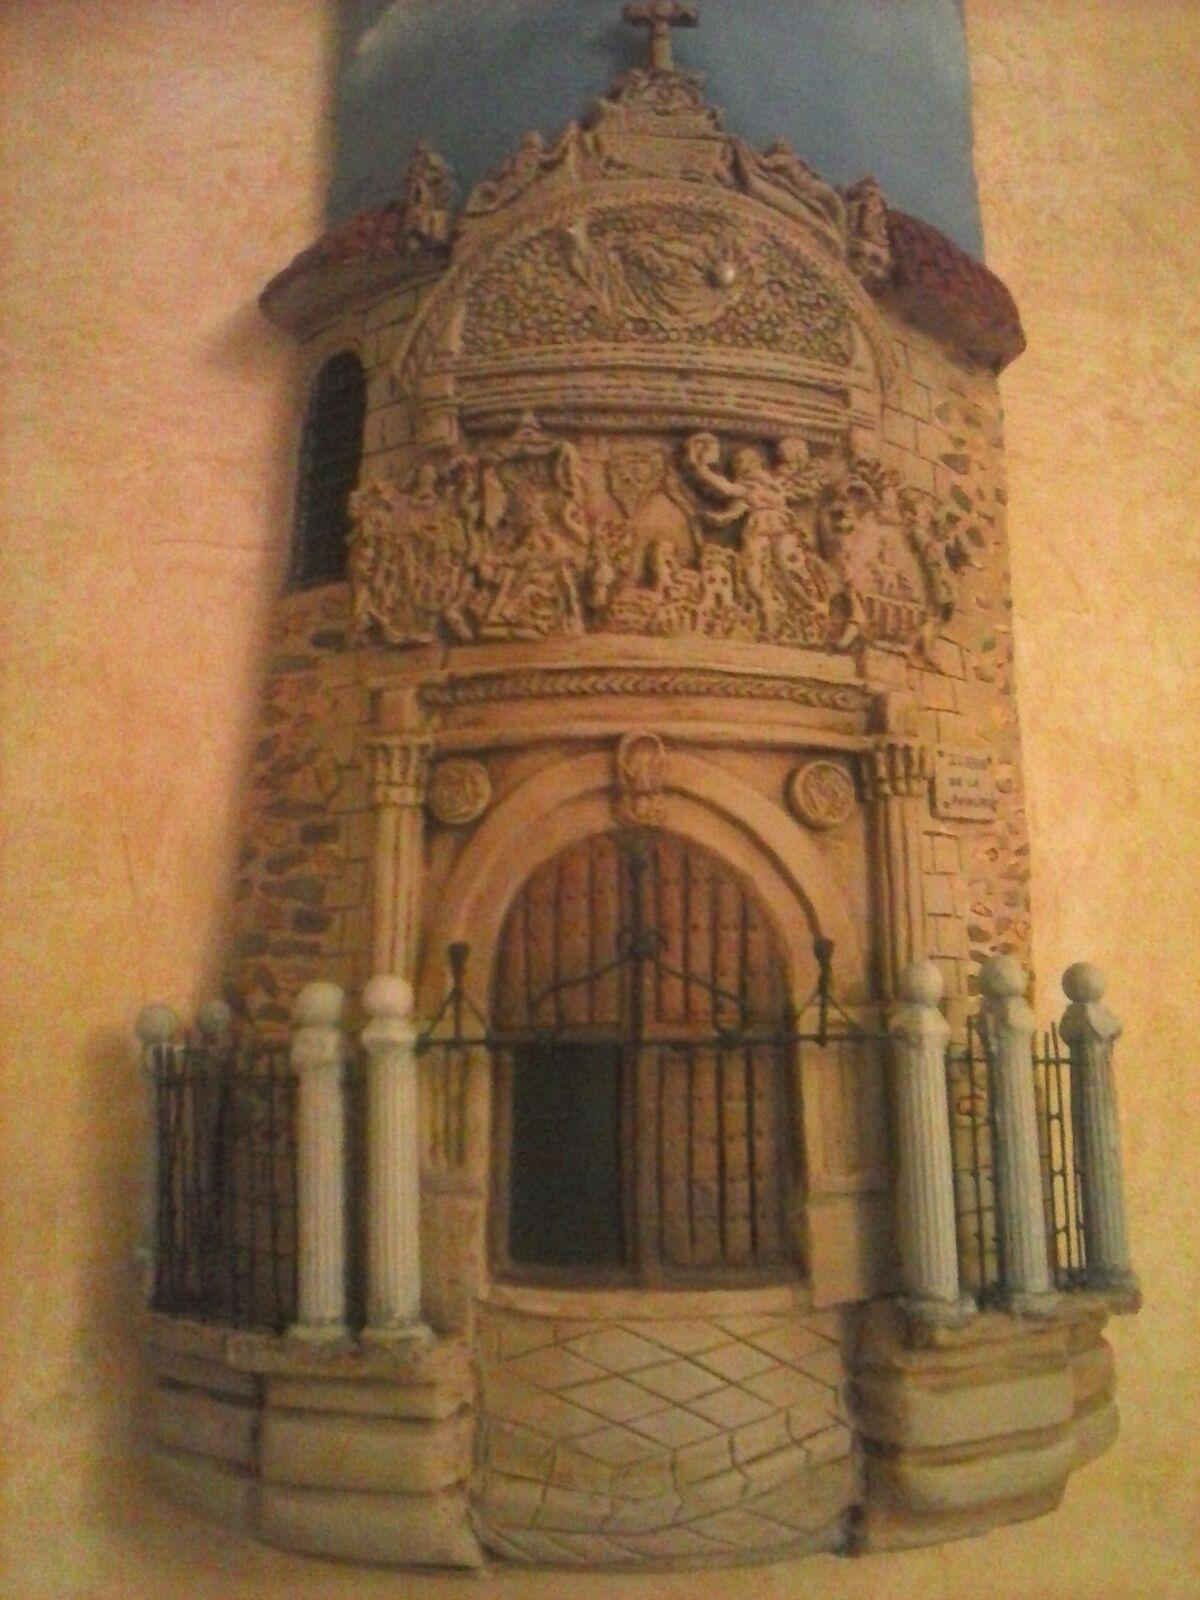 Entre el tormes y butarque alba de tormes tejas decoradas for Puertas de tejas decoradas